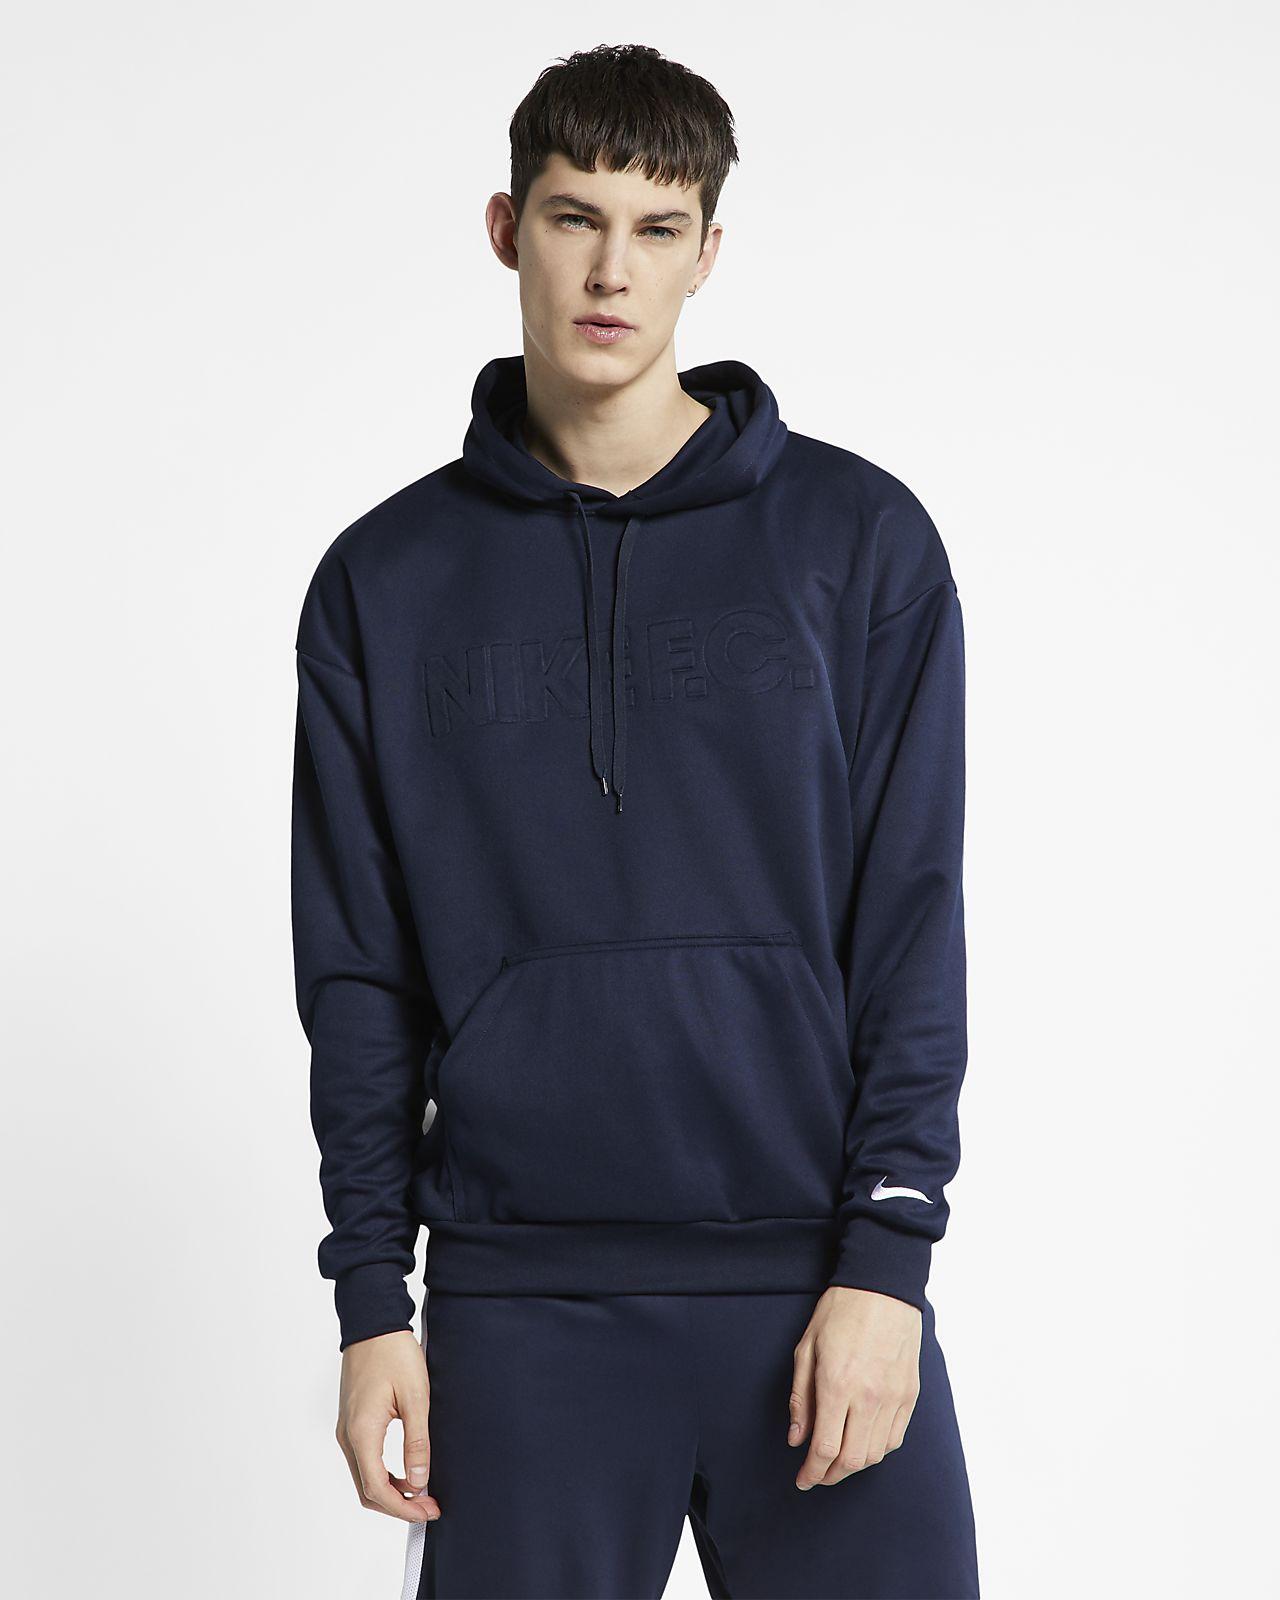 Sudadera con capucha de fútbol Nike F.C.